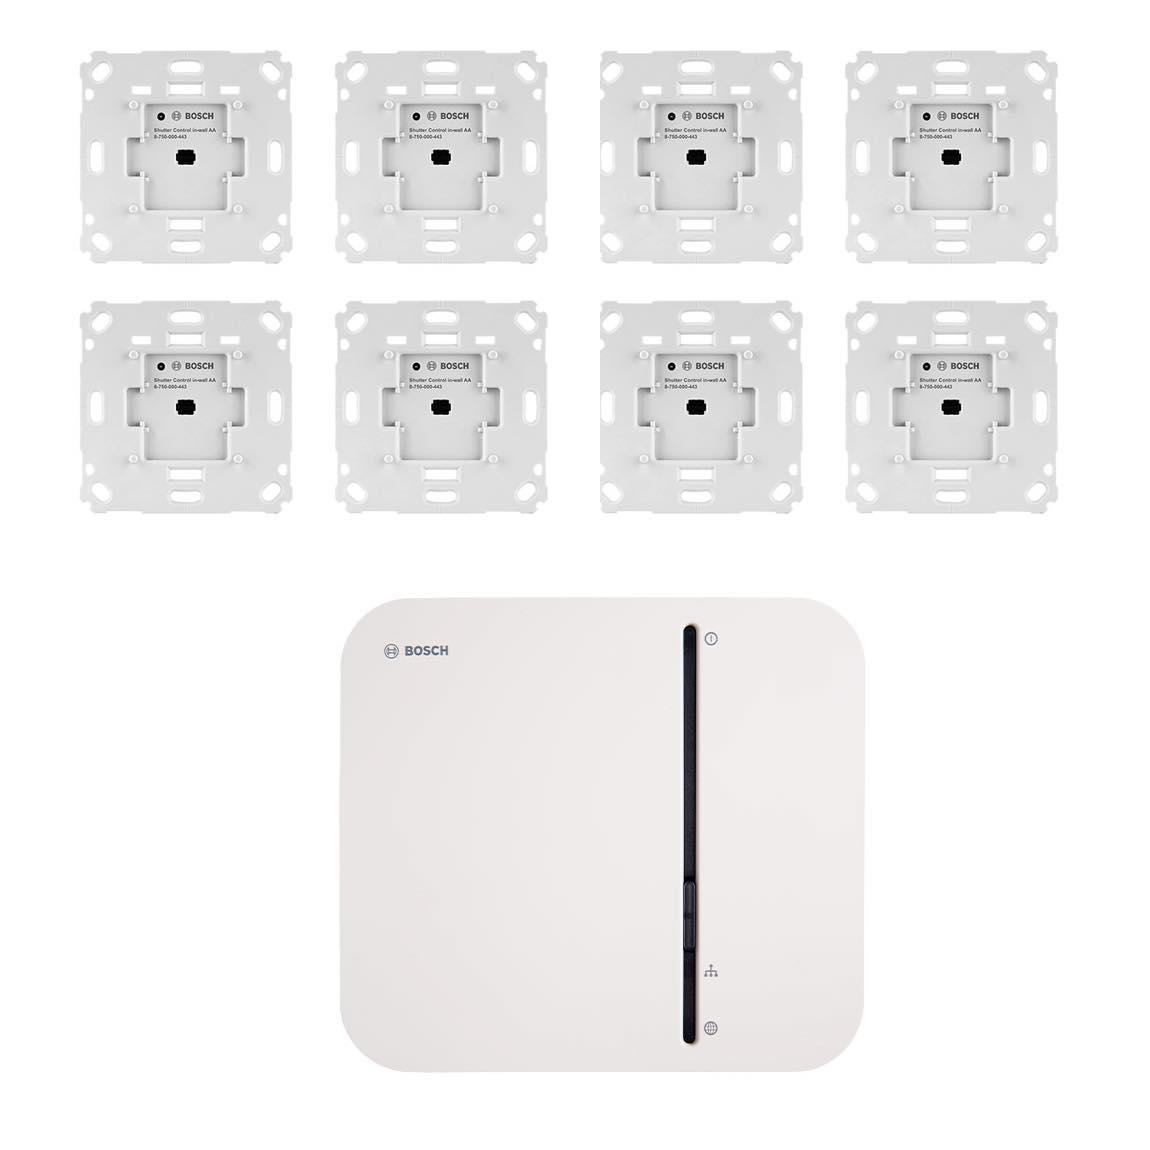 Bosch Smart Home – Starter Set Rollladensteuerung mit 8 Unterputz-Aktoren